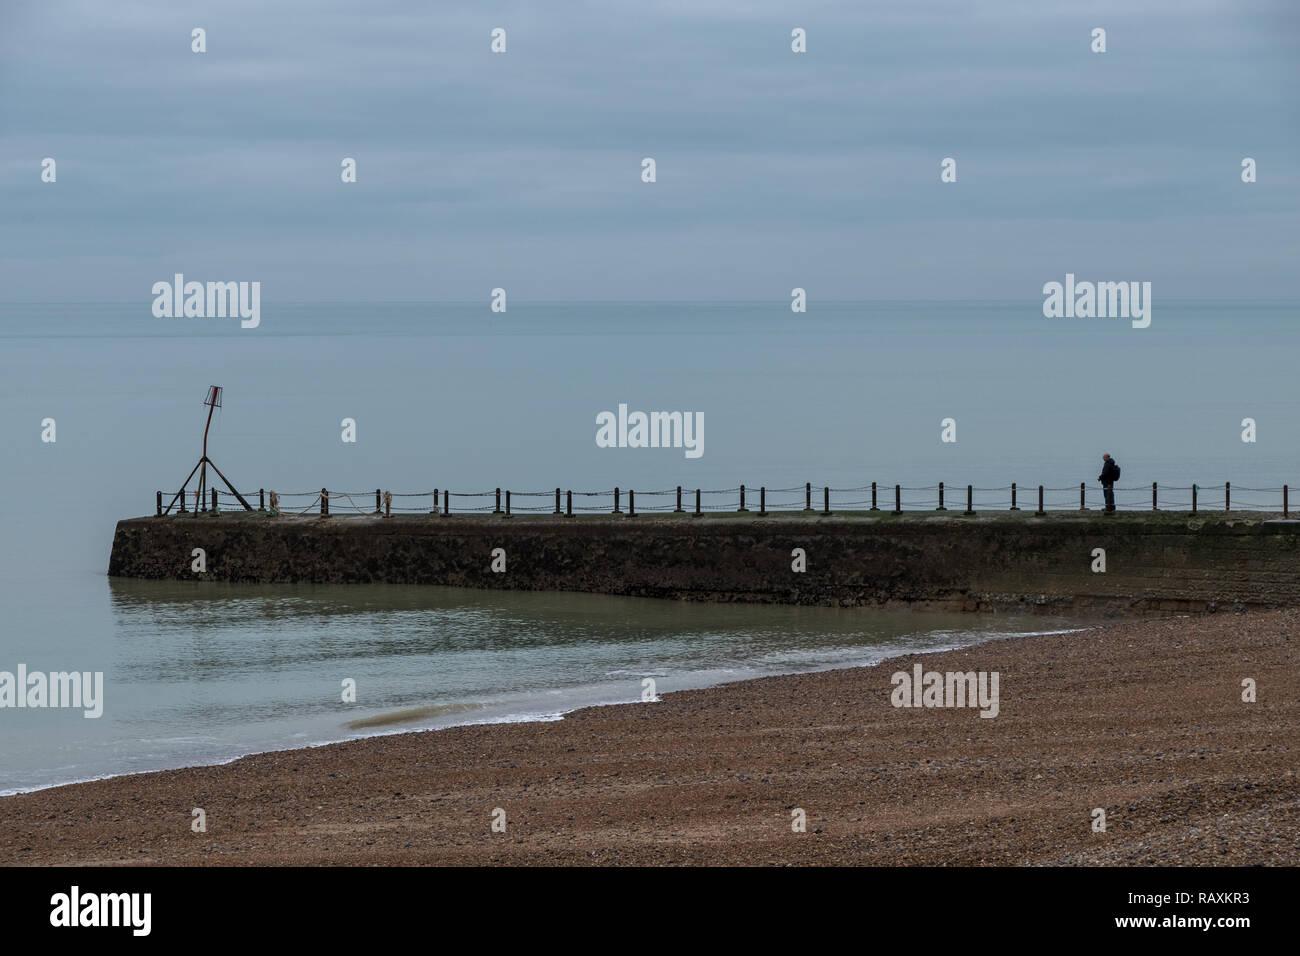 Einsame Mann steht auf der Mole an der Küste in Hove, Sussex, UK. In einem kalten Winter fotografiert. Stockbild